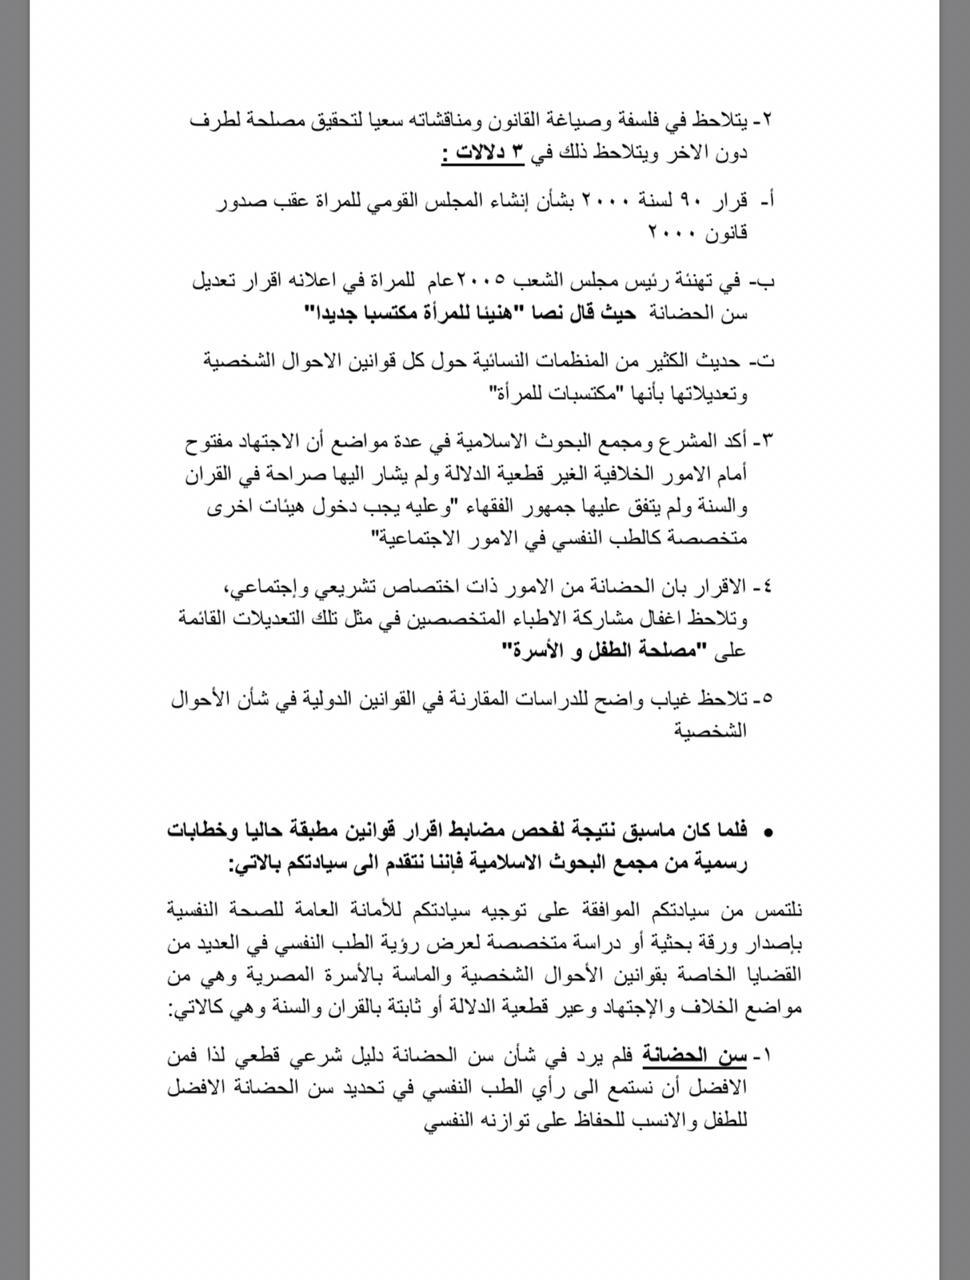 خطاب النائب الدكتور محمد فؤاد (1)